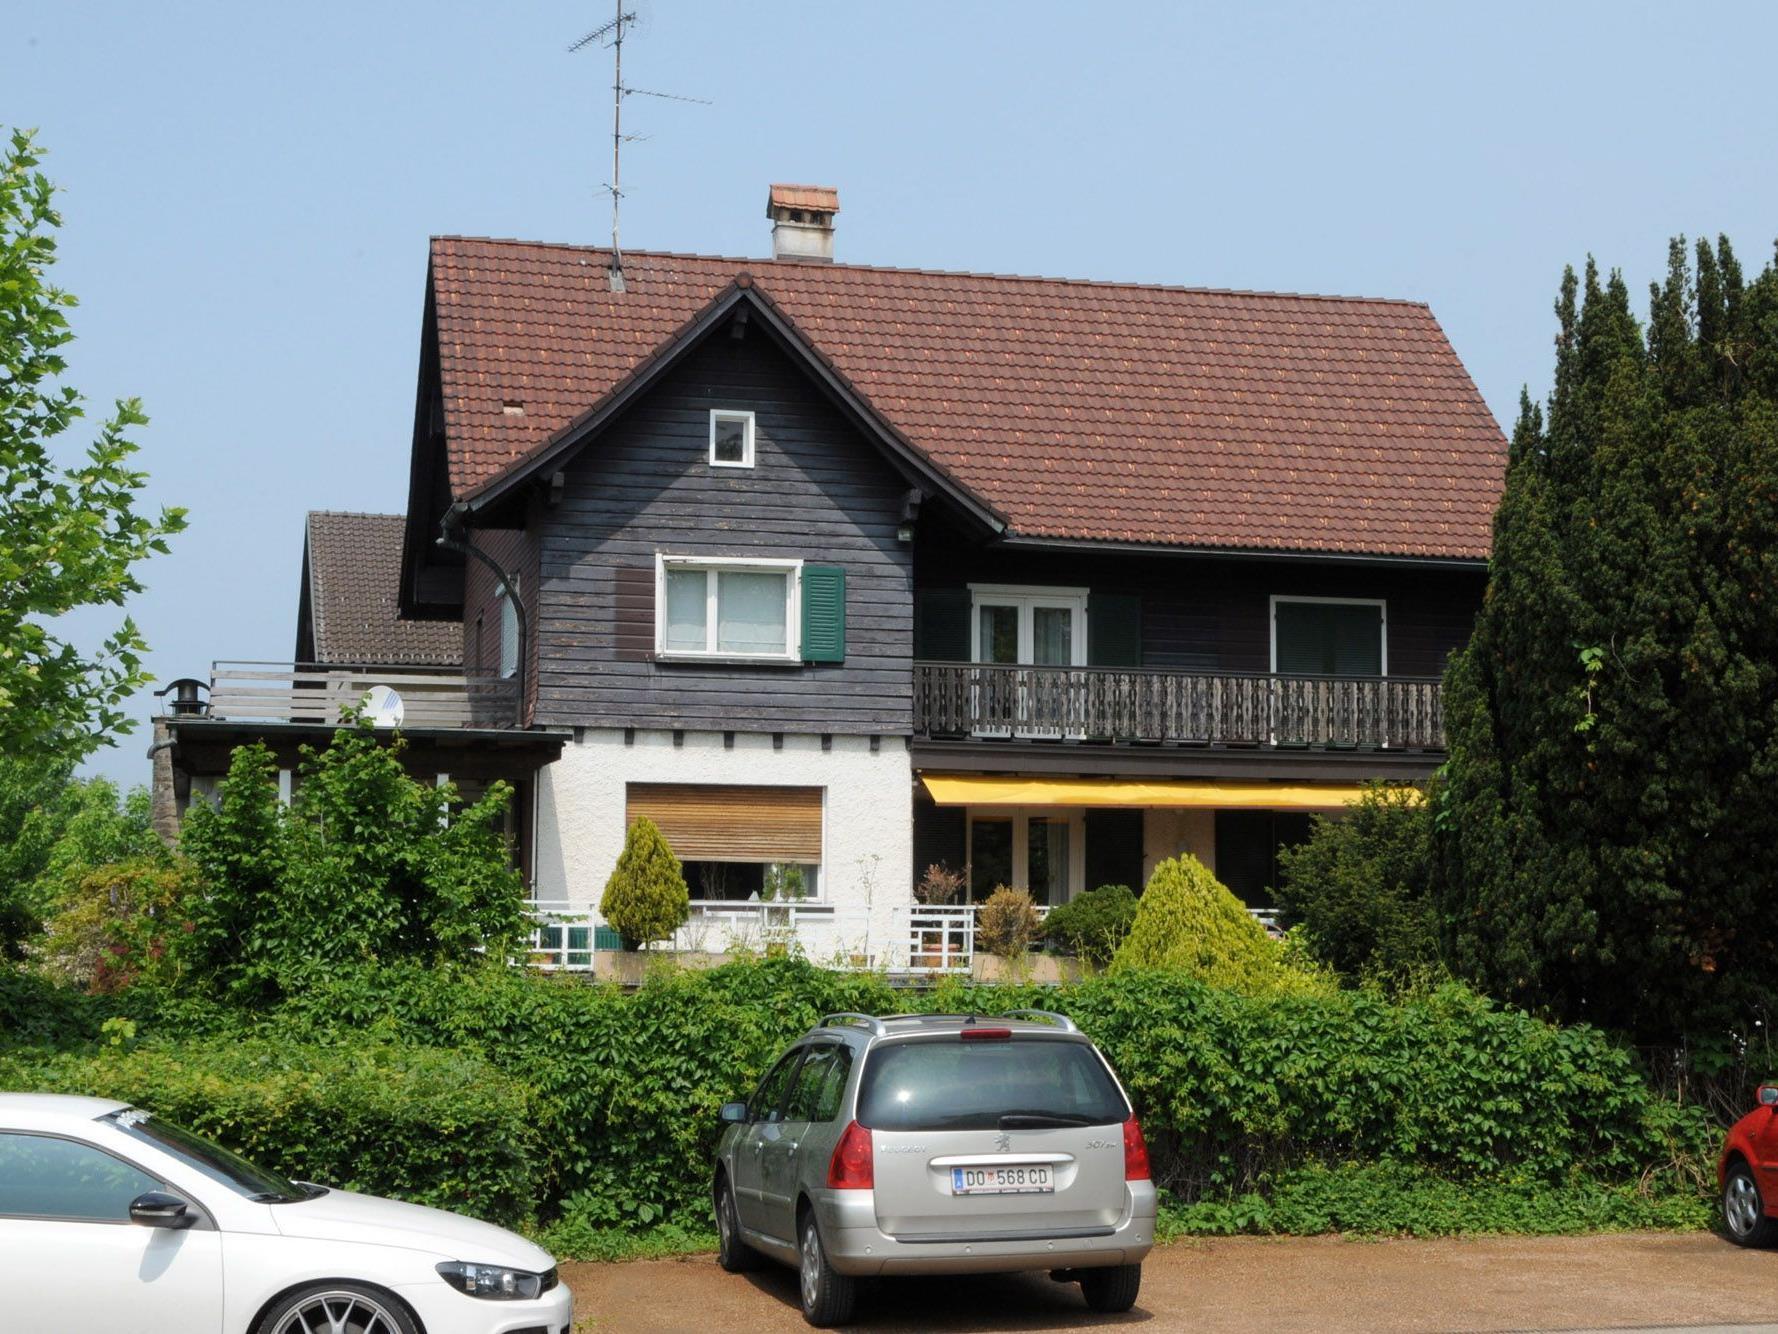 Auf dem Grundstück steht ein über 60 Jahre altes Objekt, das durch eine Kleinwohnanlage ersetzt wird.